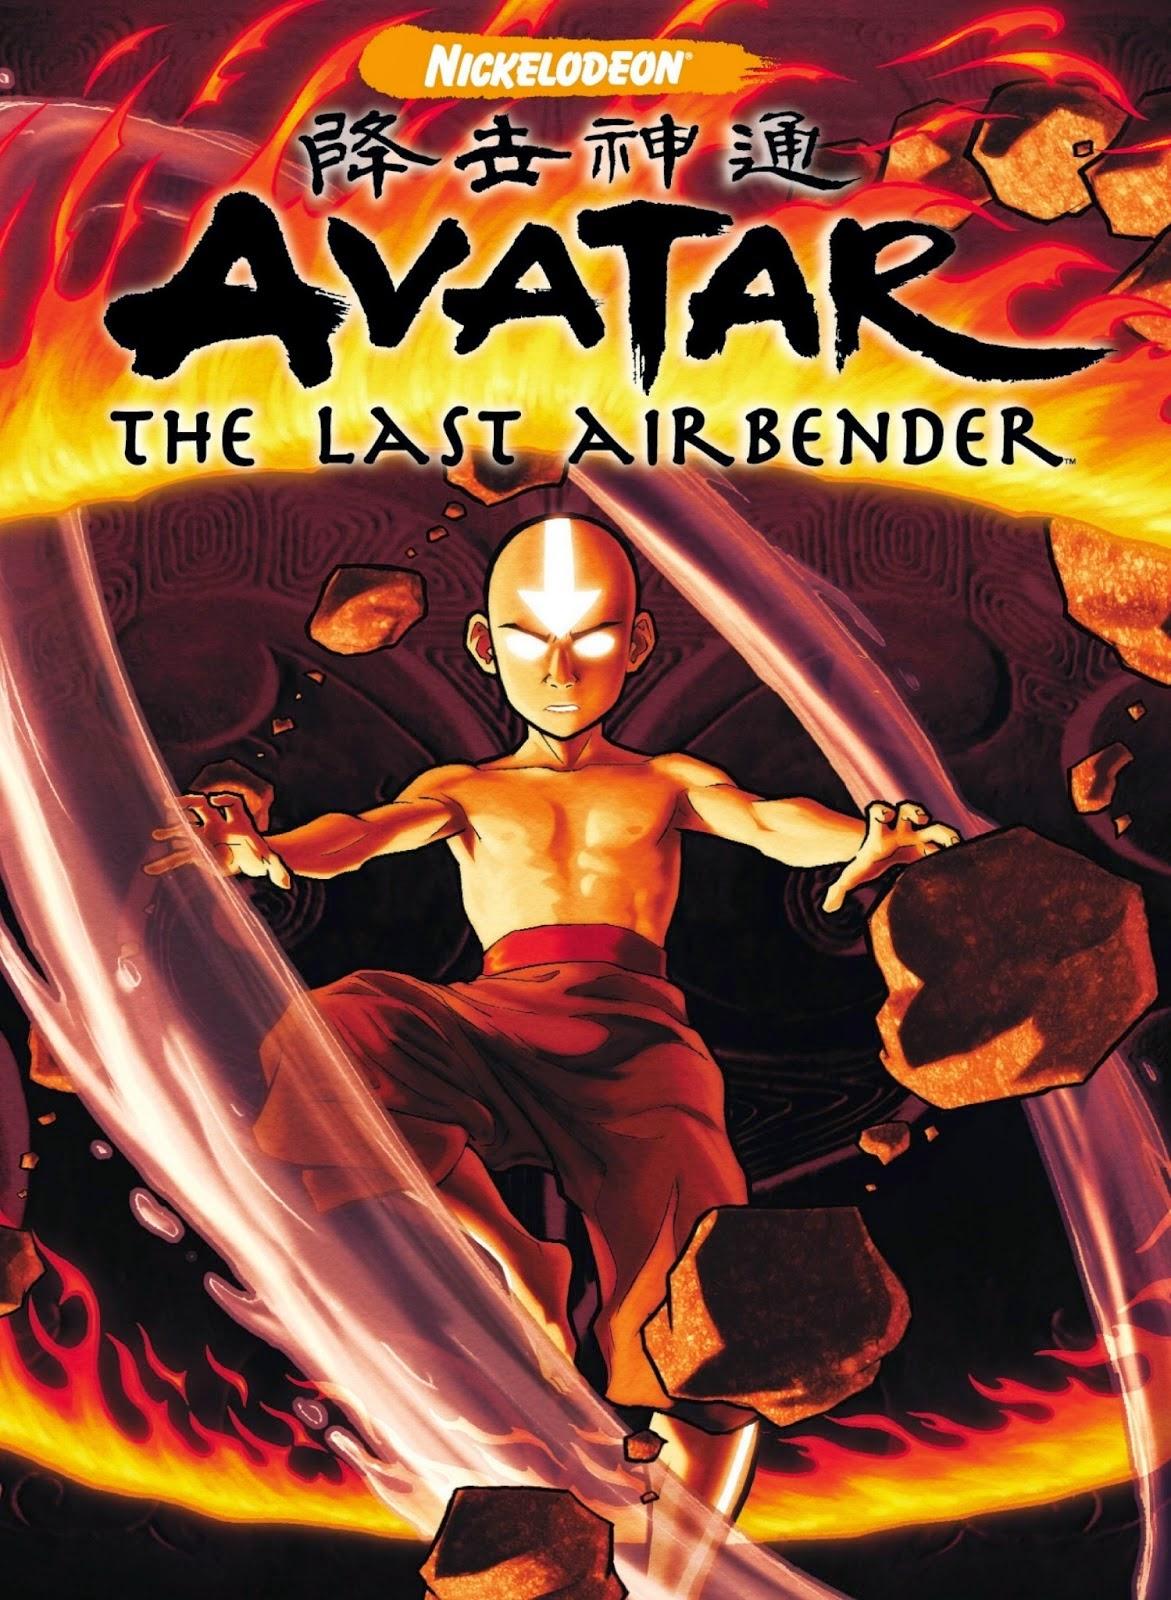 http://superheroesrevelados.blogspot.com.ar/2014/03/avatar-last-airbender.html